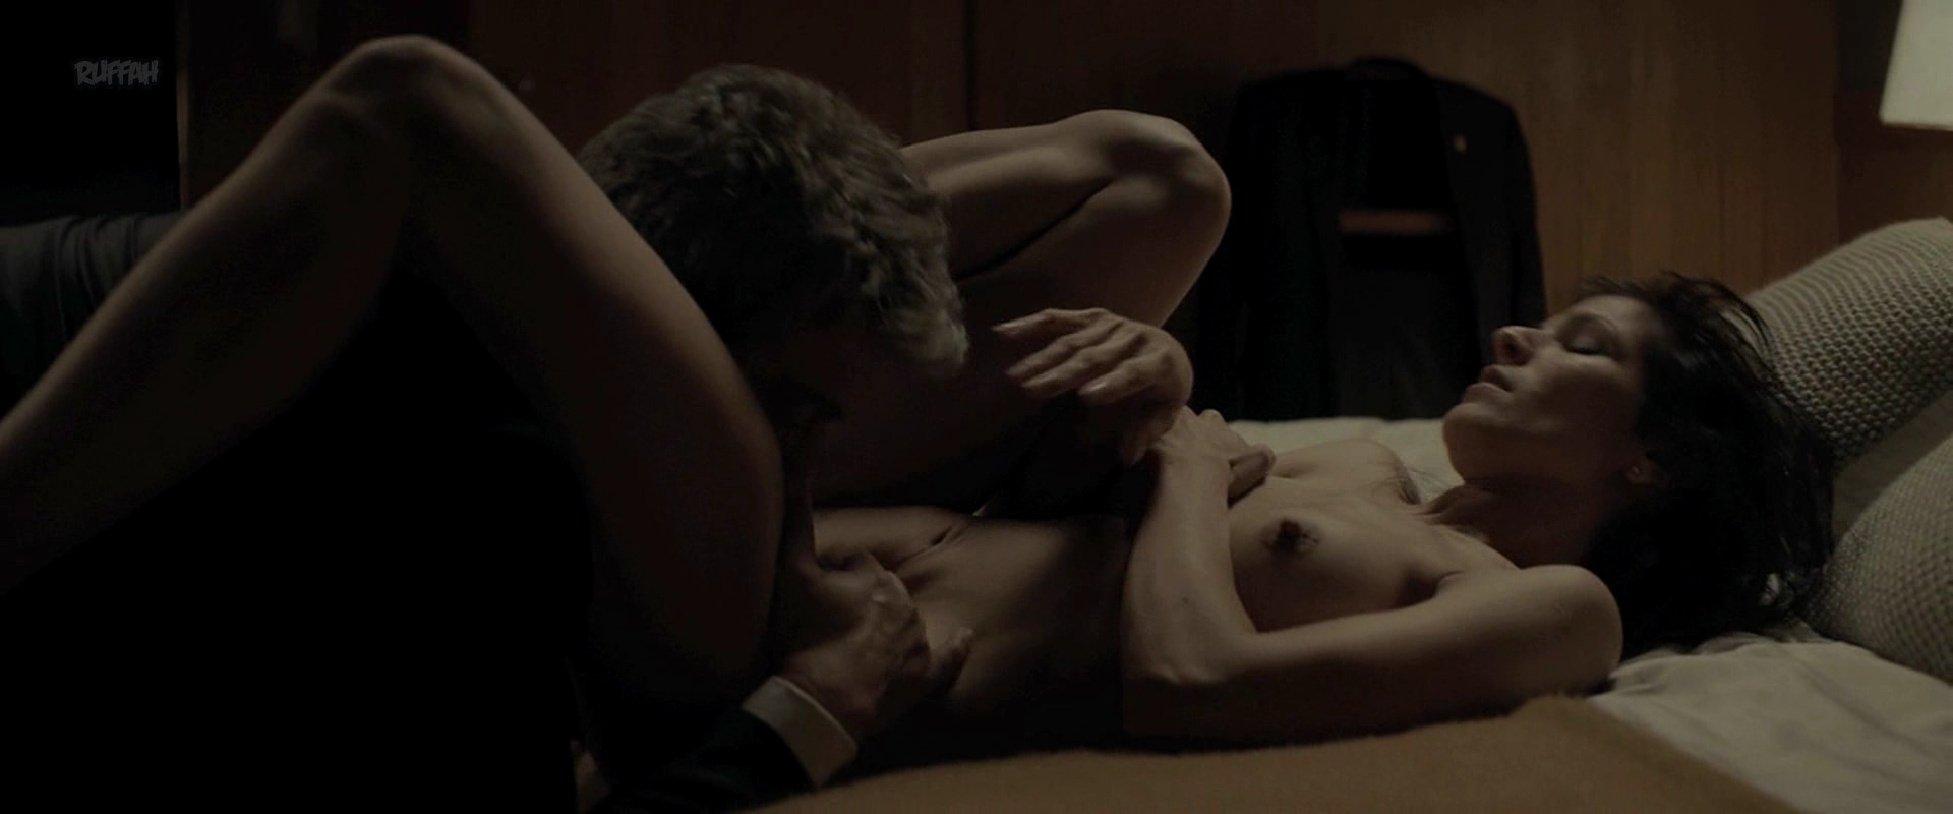 Gabriela Pastor nude - La Cordillera (2017)